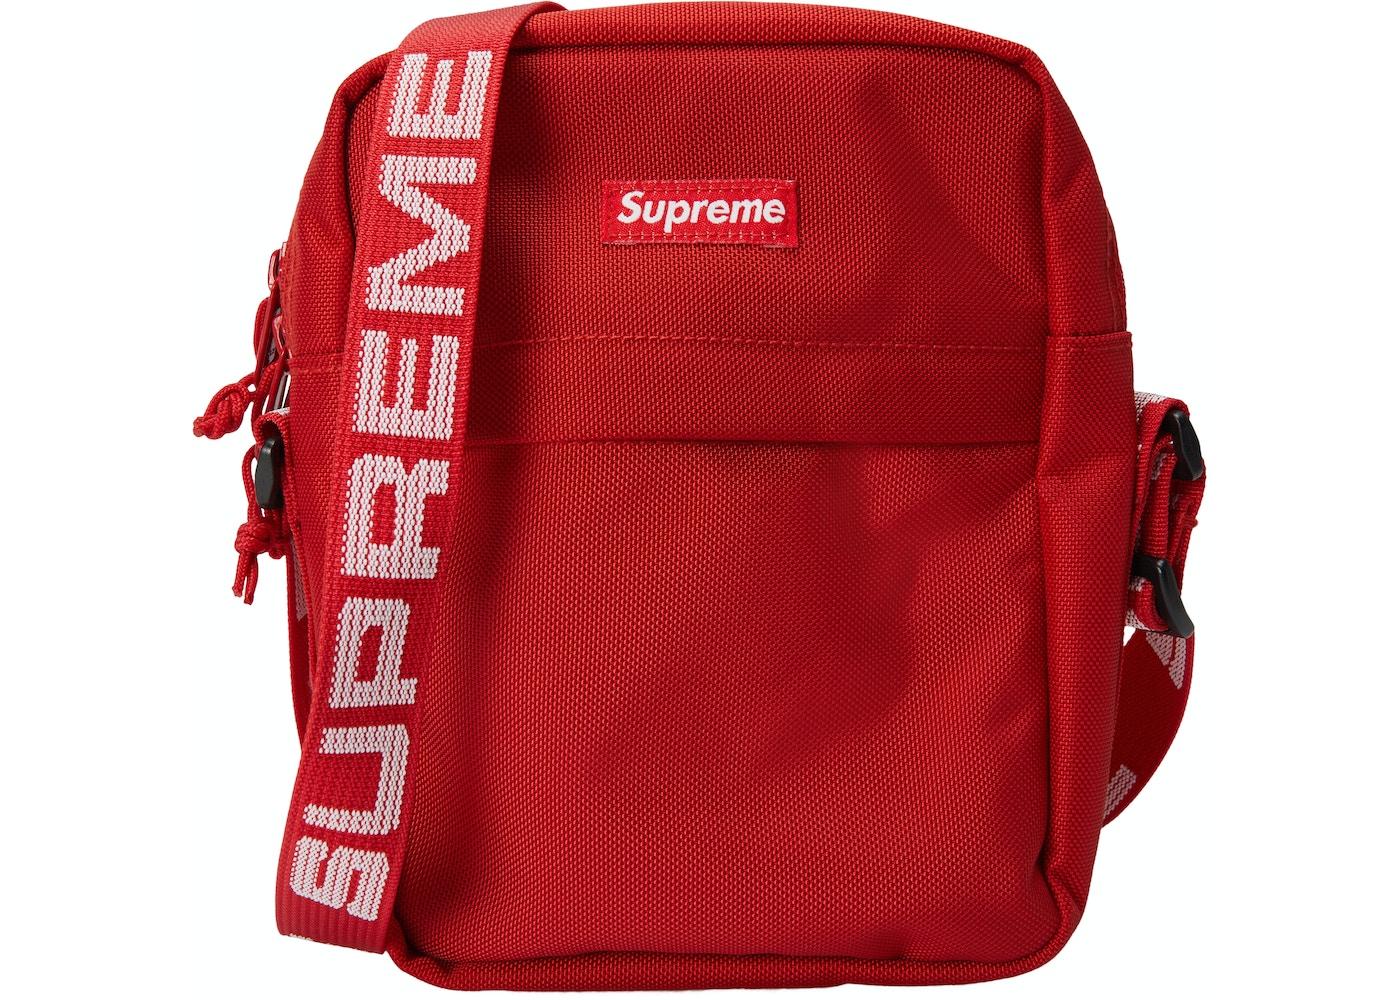 8c7ef6b8ee03 Supreme Bags - Buy   Sell Streetwear